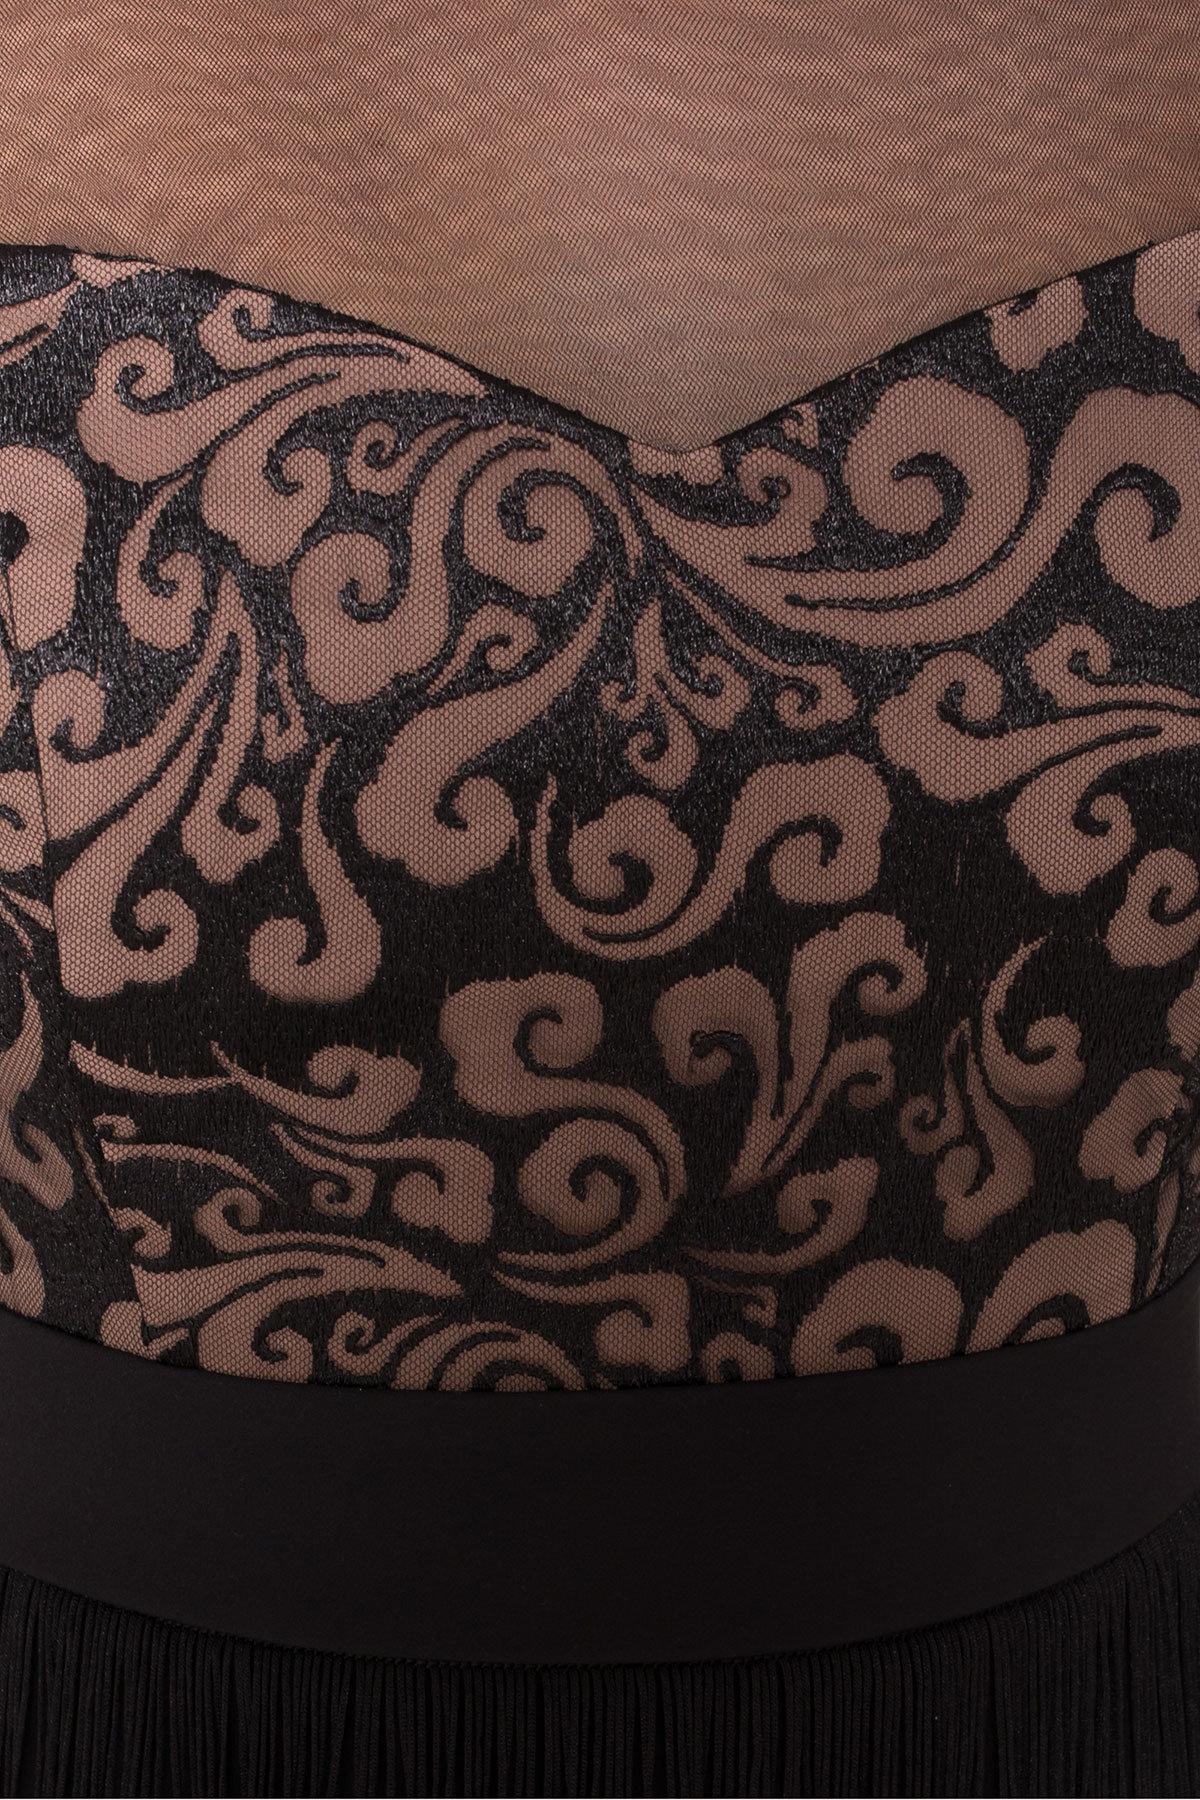 Платье Херви 8560 АРТ. 44884 Цвет: Черный - фото 7, интернет магазин tm-modus.ru